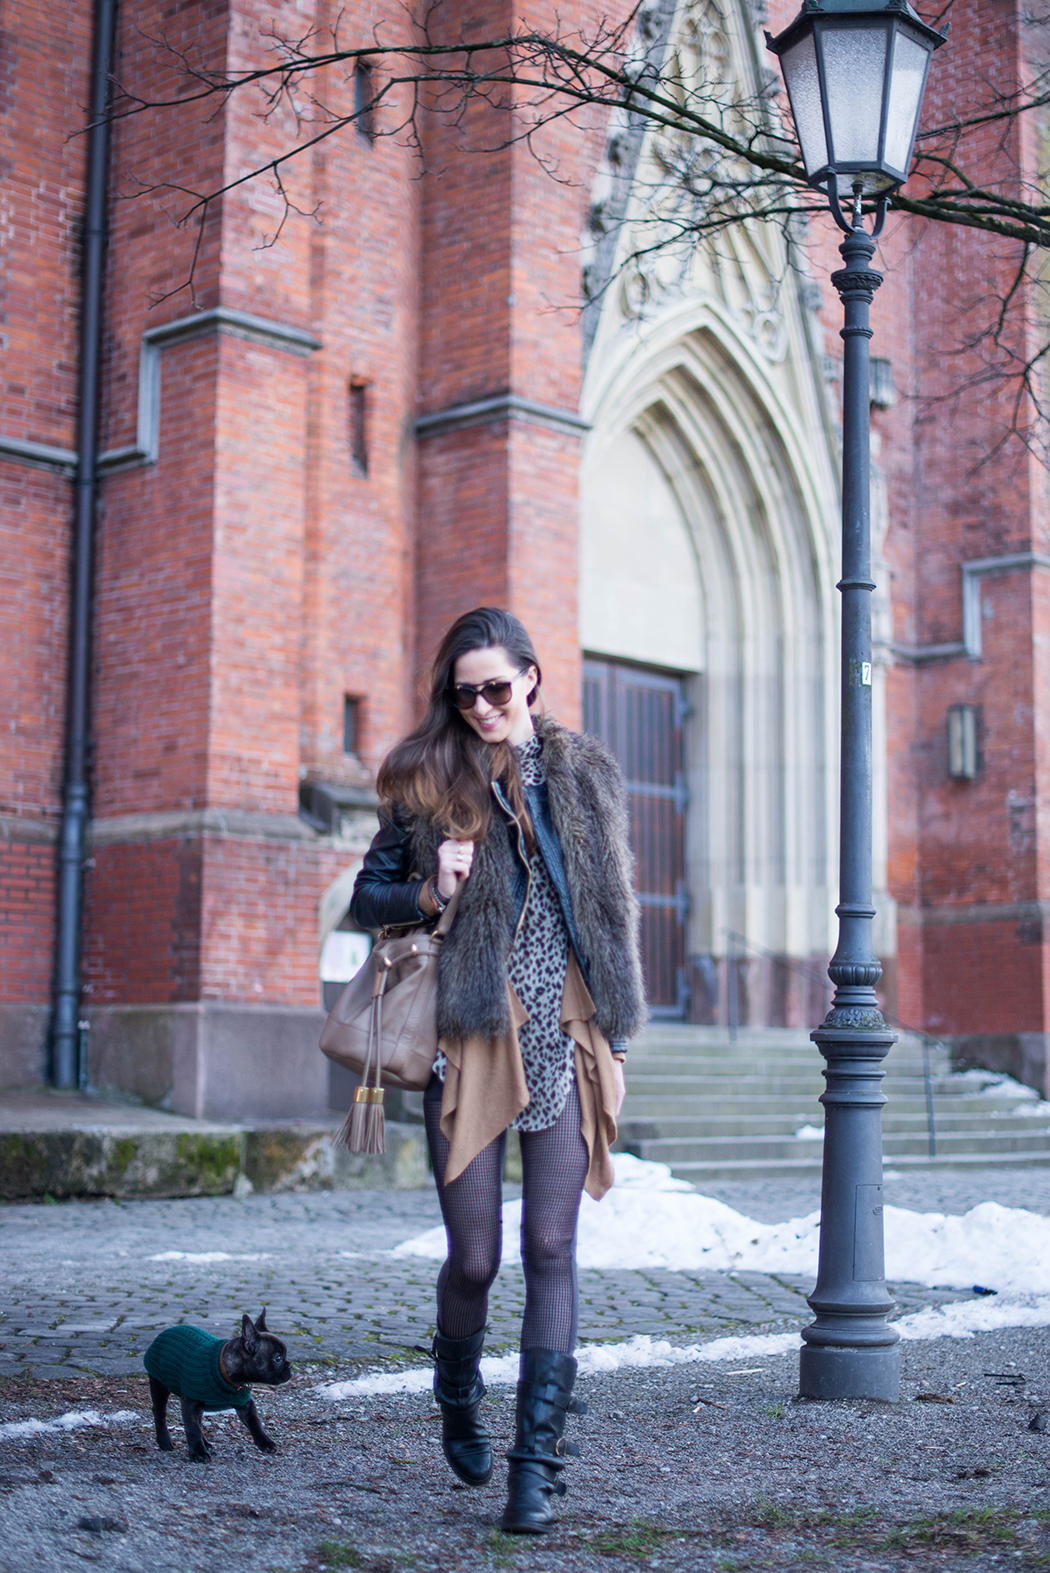 Lindarella-Fashionblogger-München-Outfitpost-4